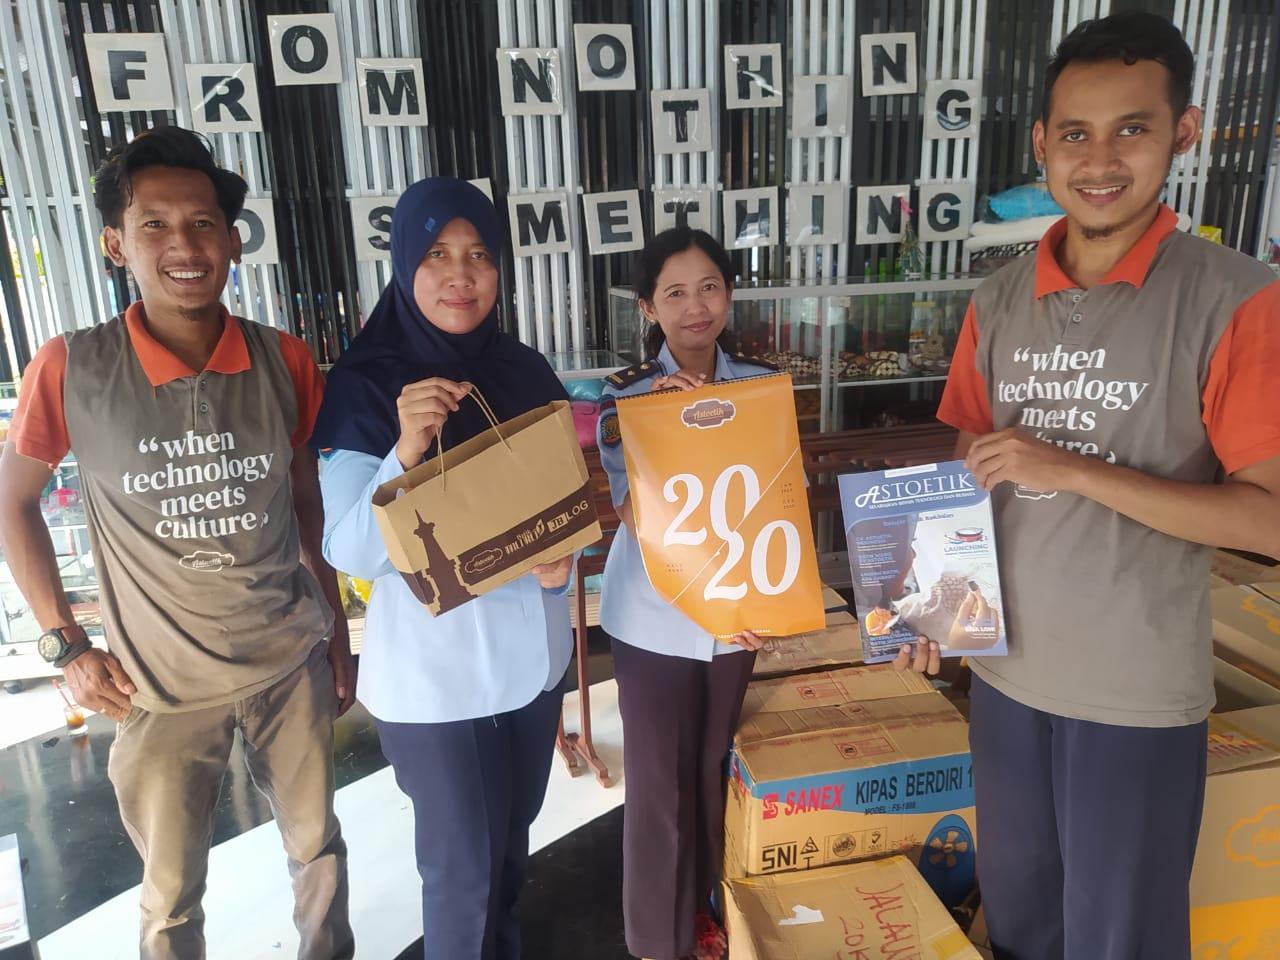 Kerjasama United Nations dengan CV. Astoetik untuk Lapas Wanita Semarang